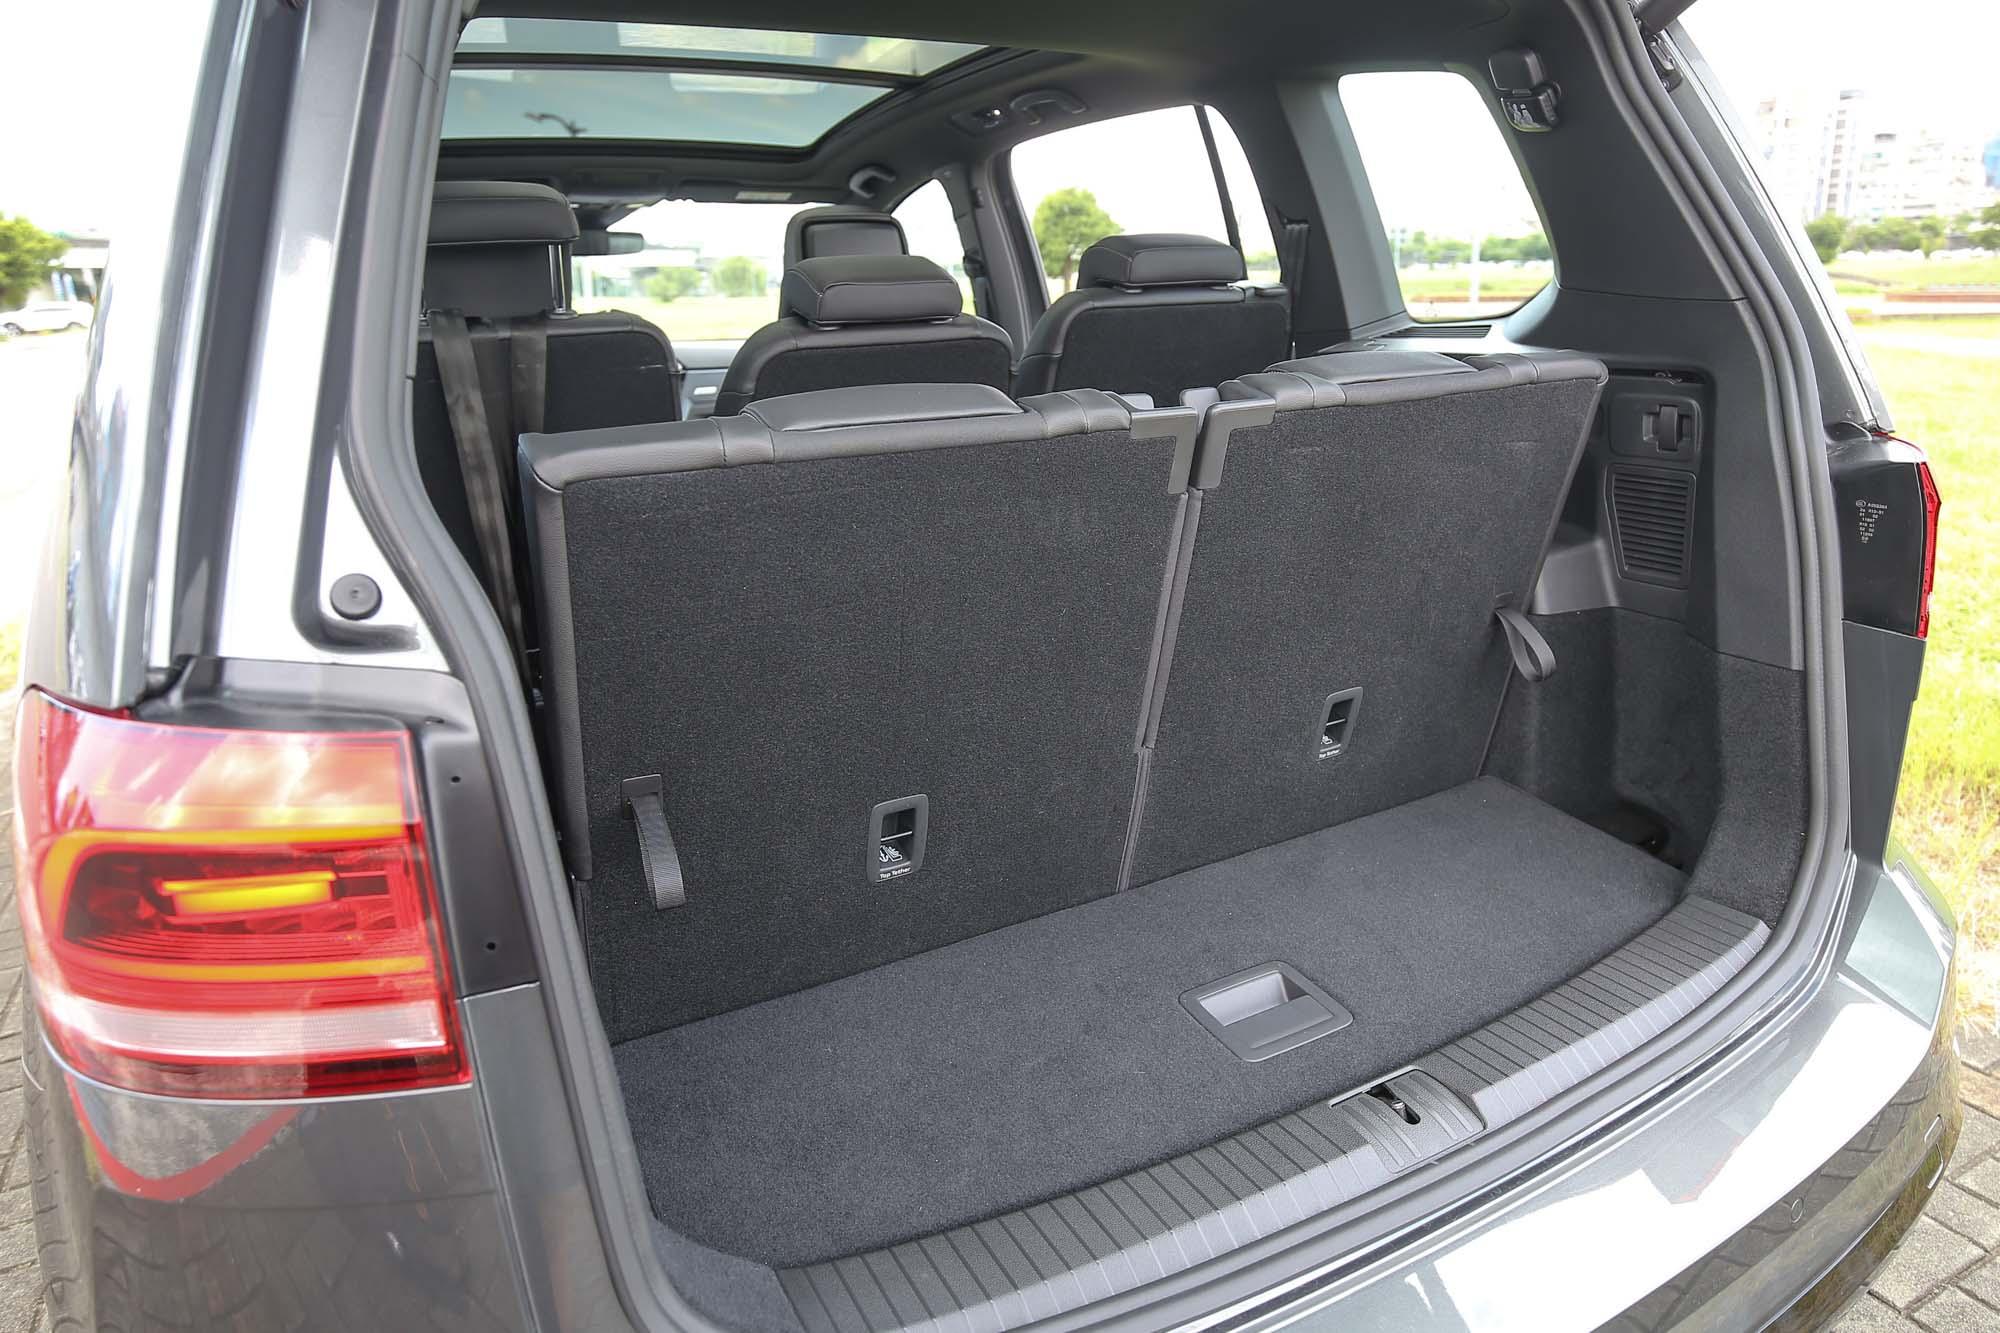 七人乘坐時後方置物容積為 137 公升。